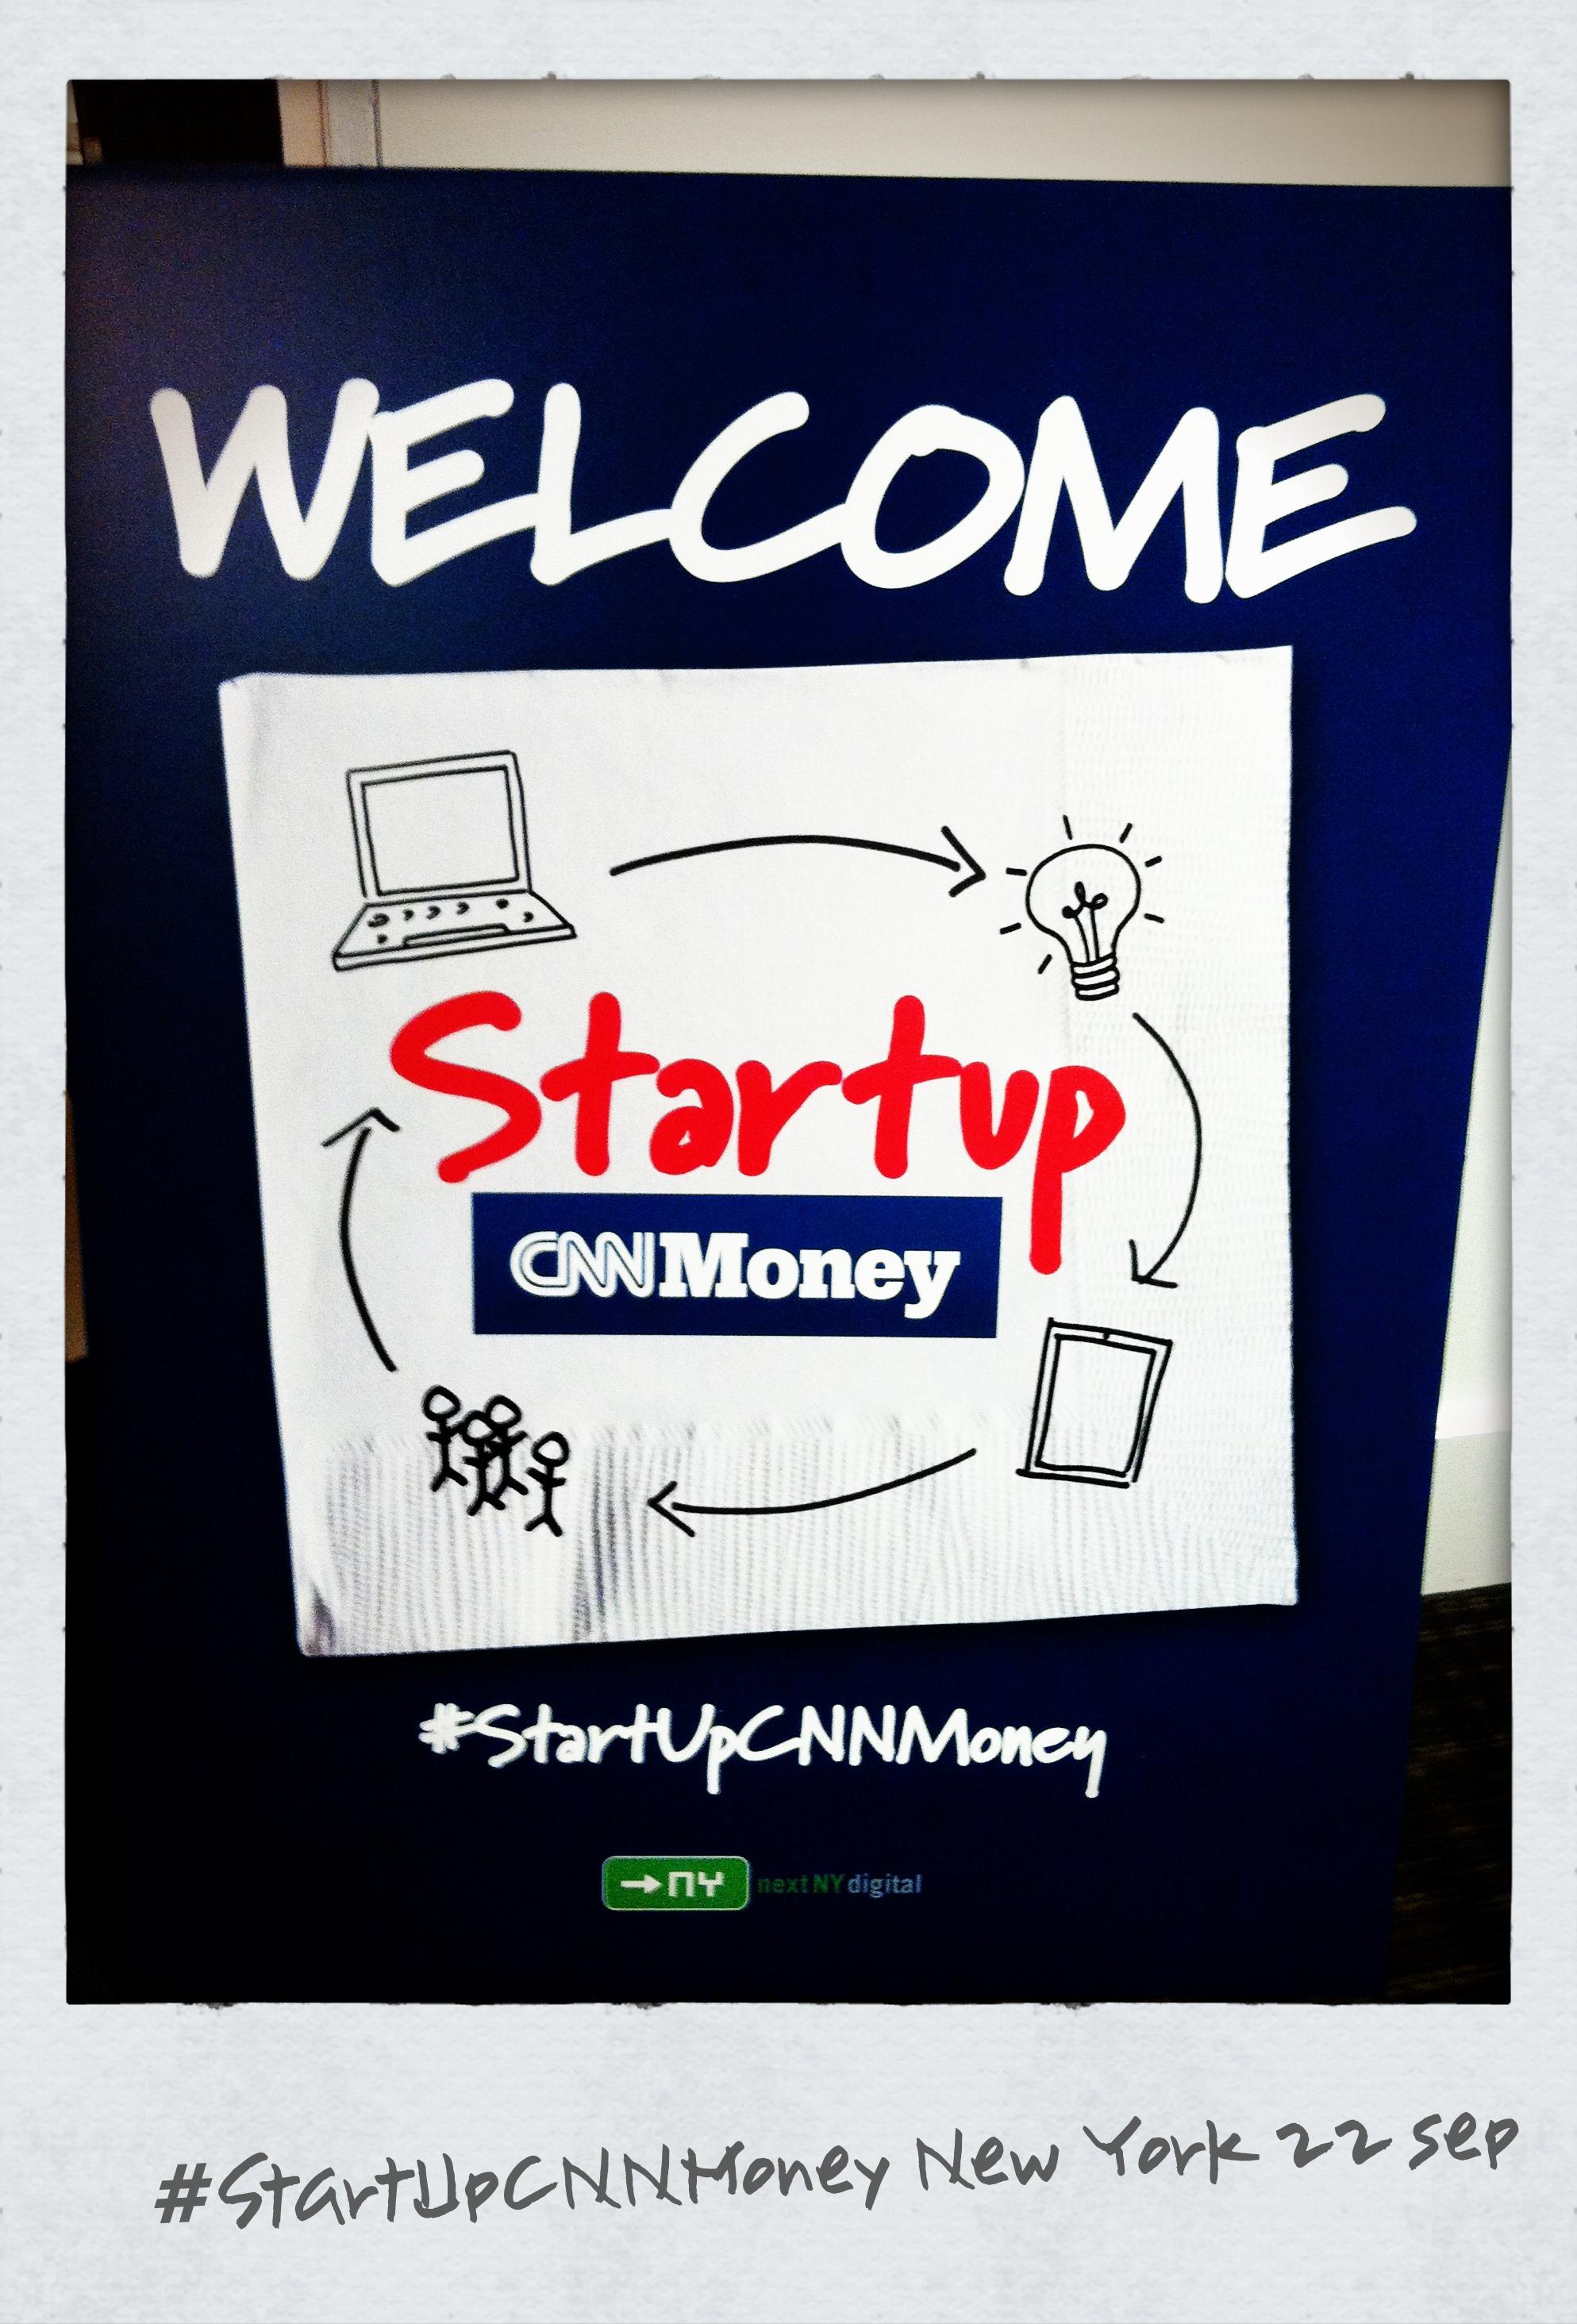 CNNMoney Startup